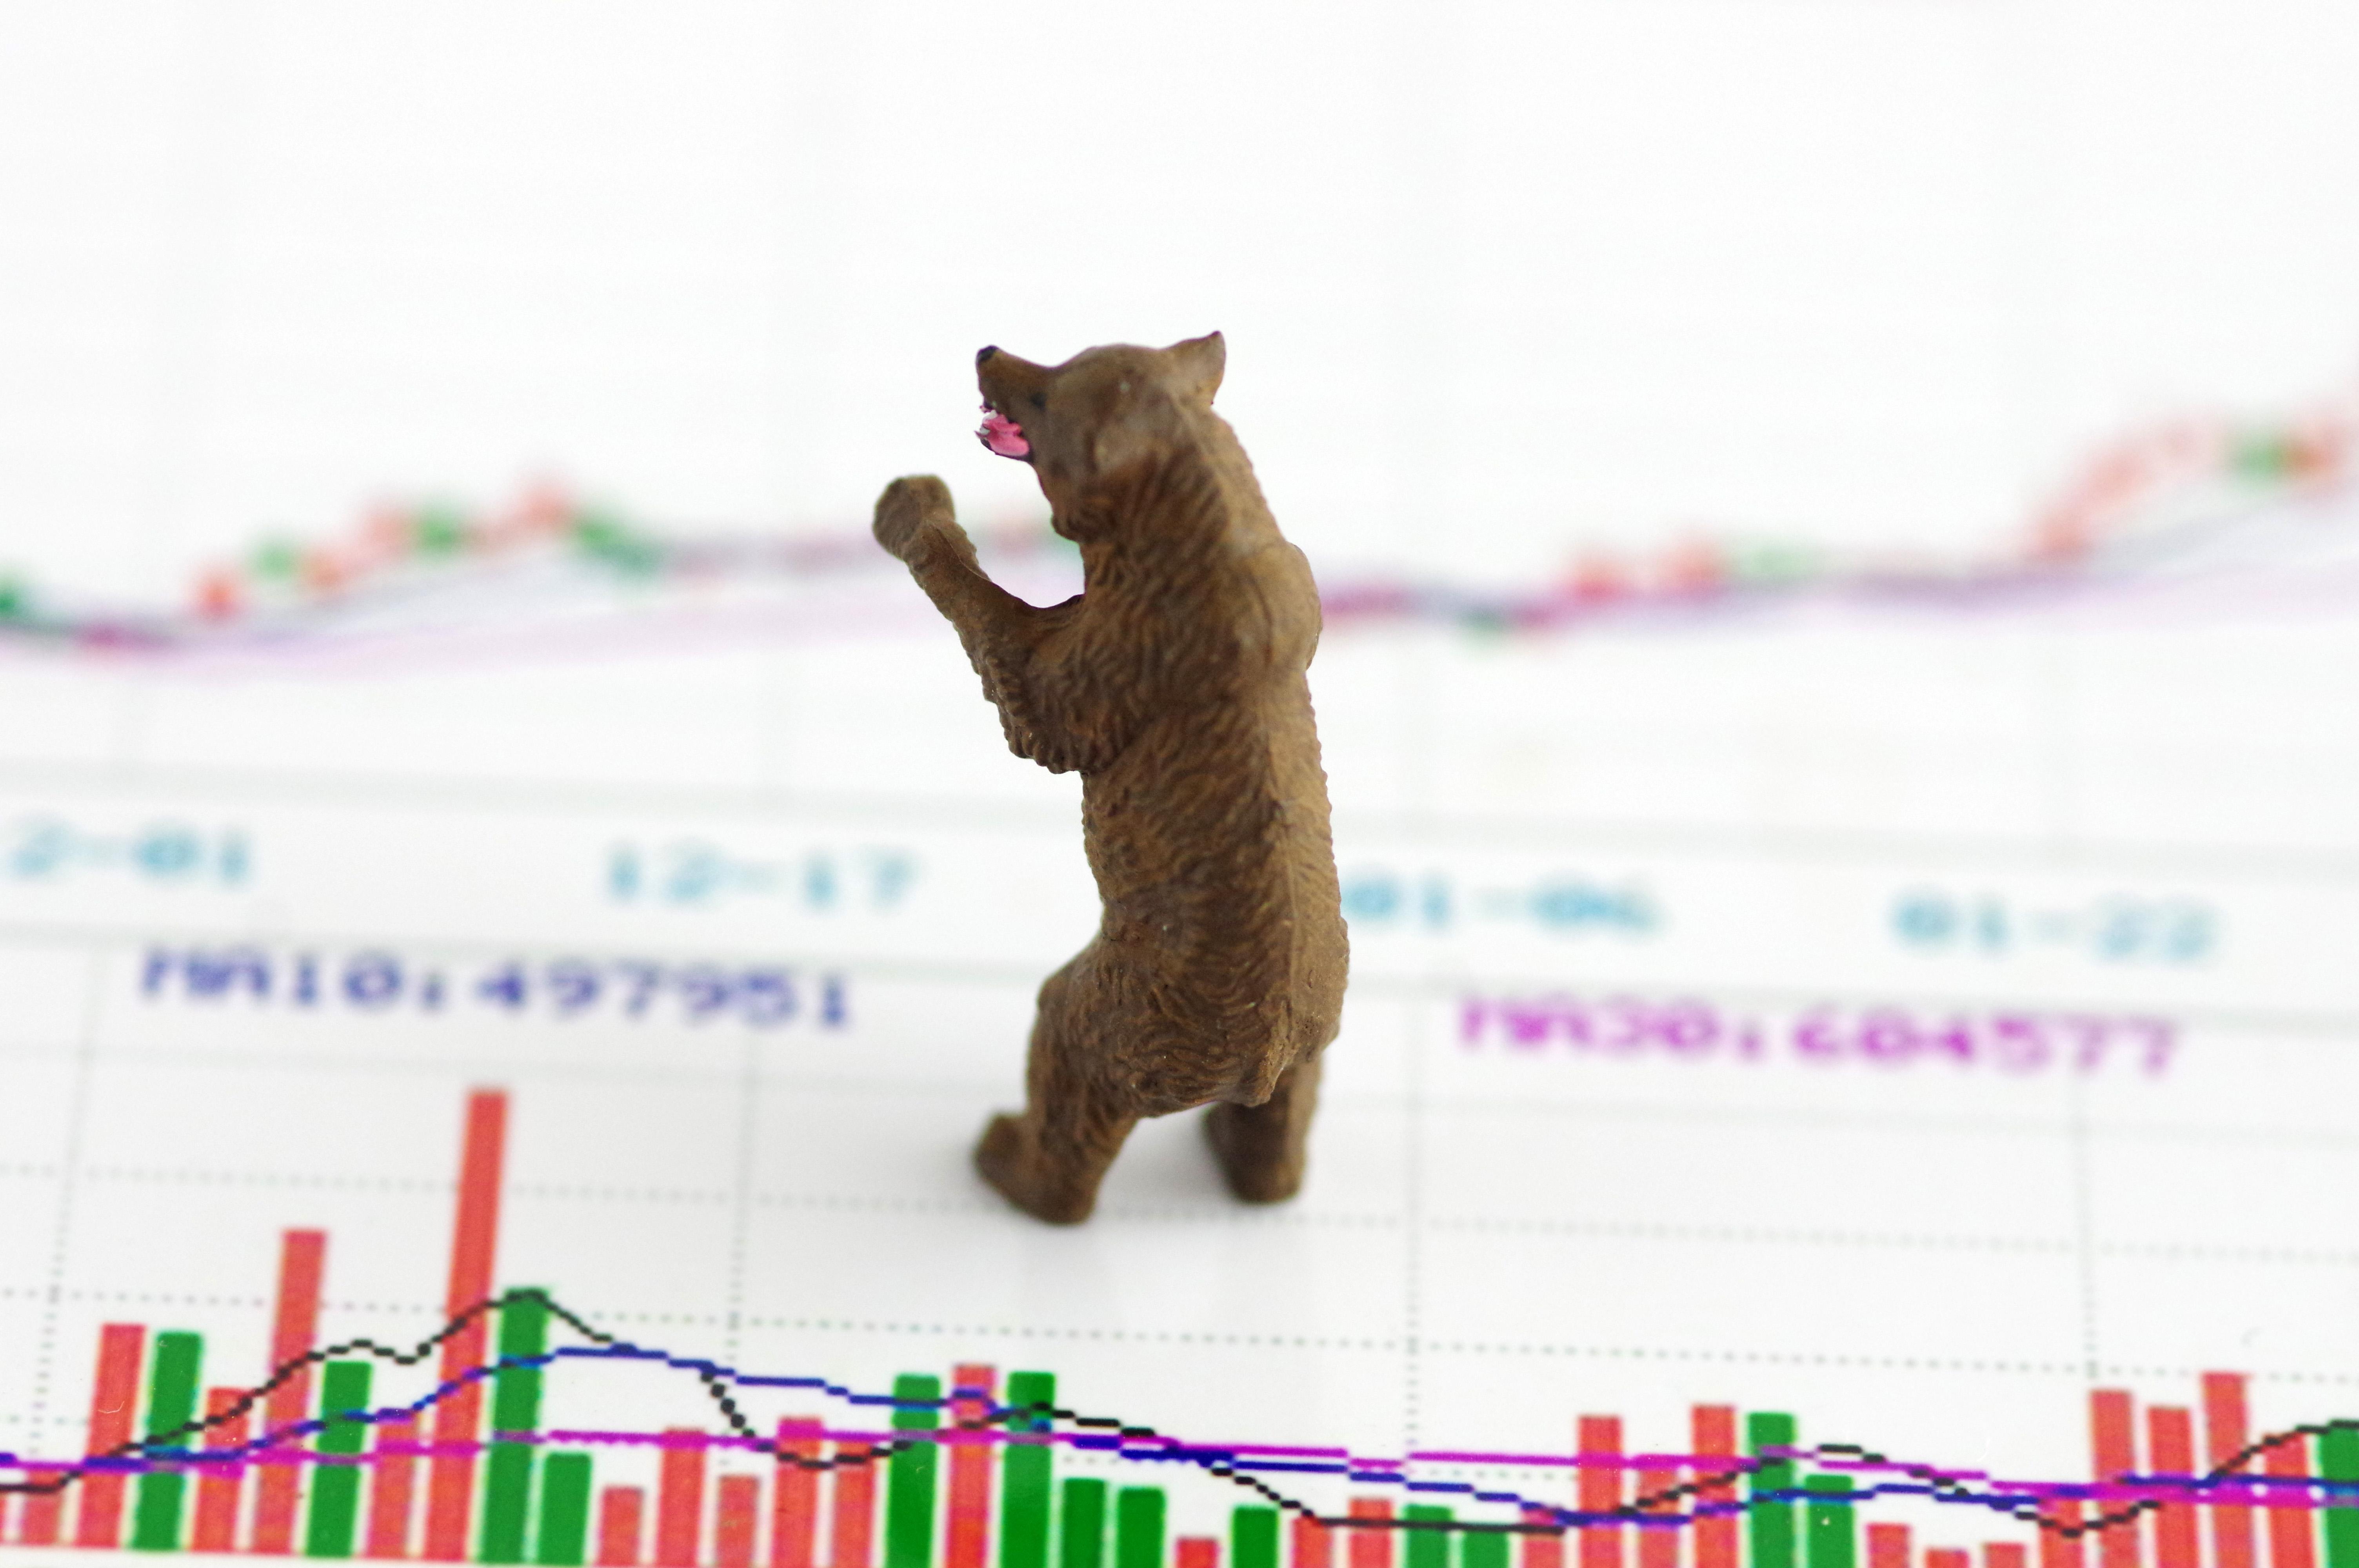 多家上市公司频现商誉减值雷,富临精工(300432.SZ)大跌10.05%